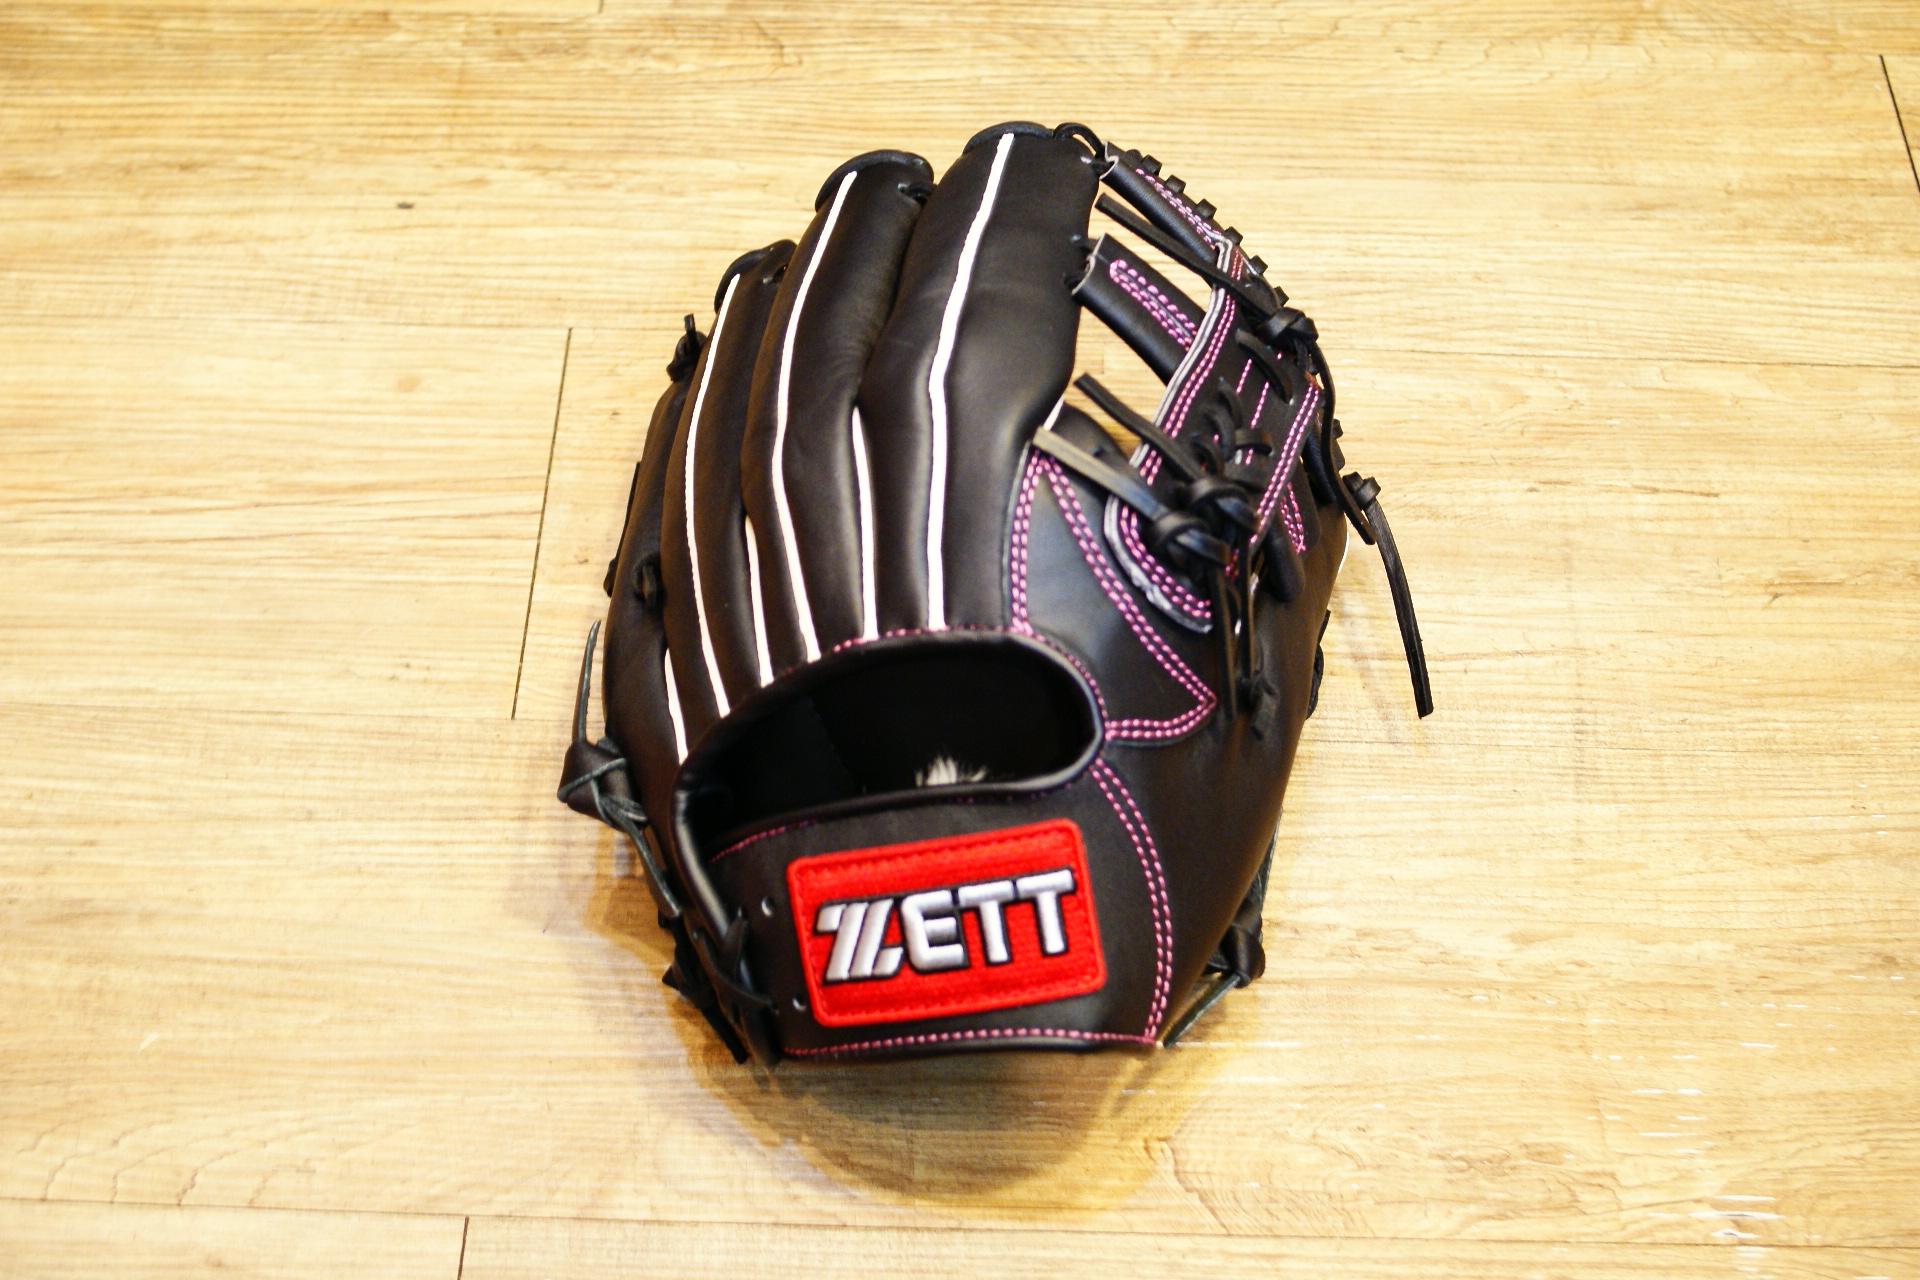 棒球世界 全新ZETT棒壘球內野十字牛皮手套 黑色 特價 加送手套袋 8715系列